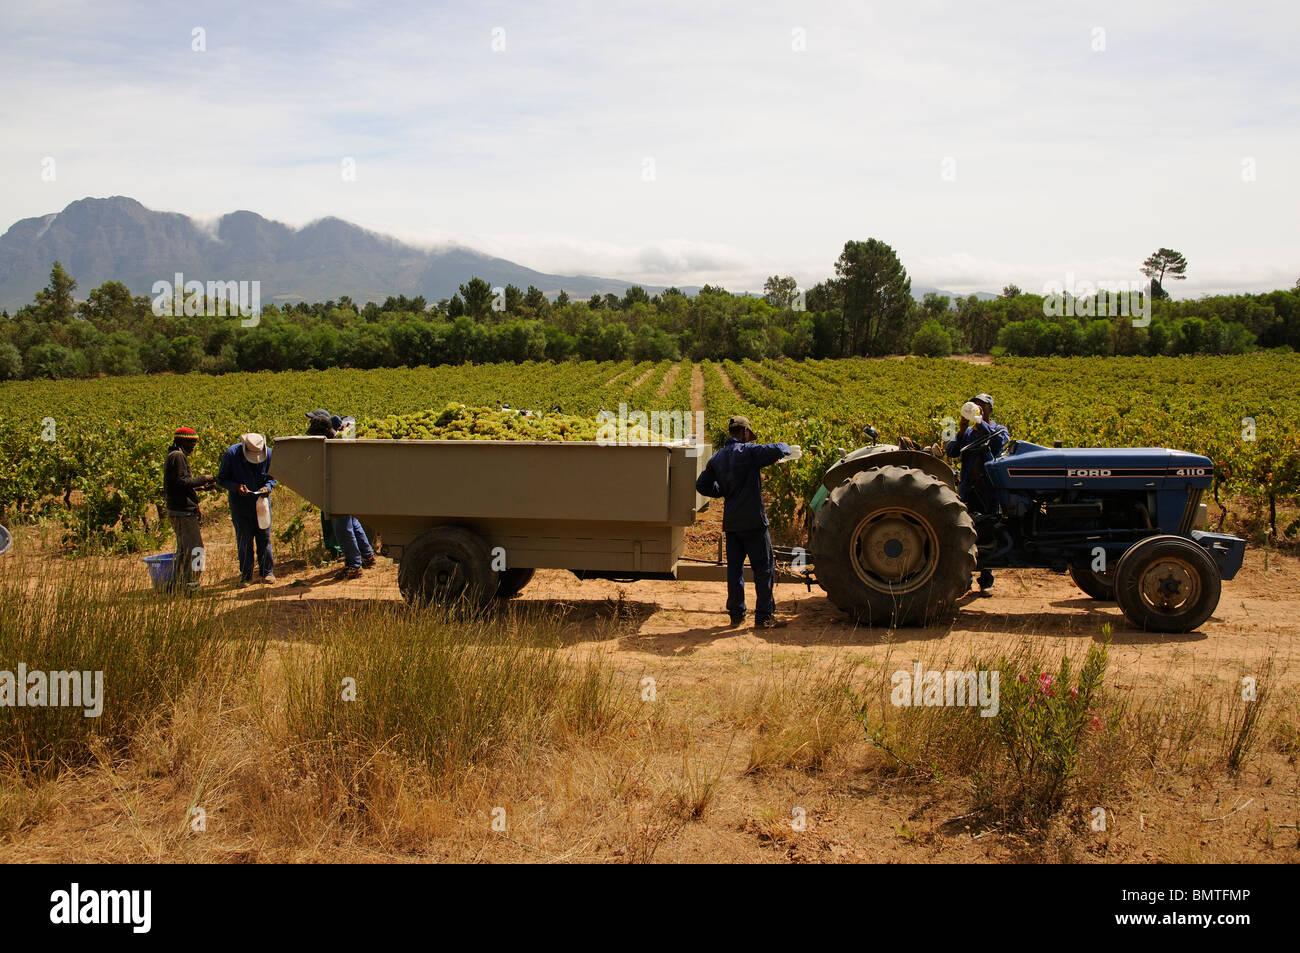 Raccogliere le uve per la produzione del vino della provincia del Capo regione western cape Sud Africa Immagini Stock